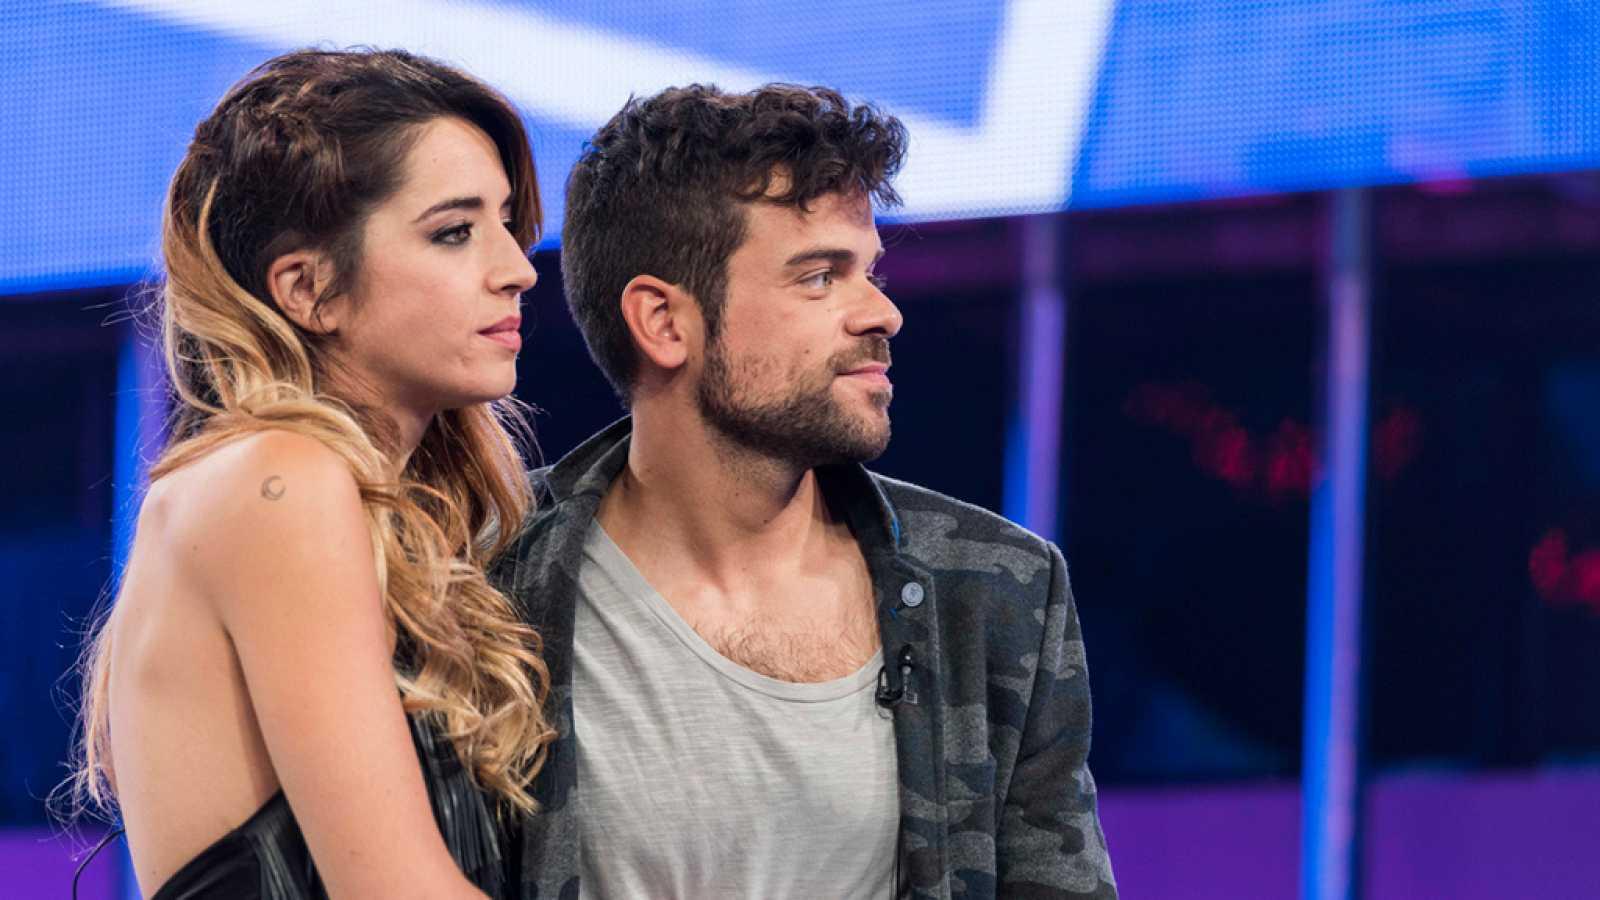 Operación Triunfo - Mimi y Ricky, los primeros nominados de OT 2017